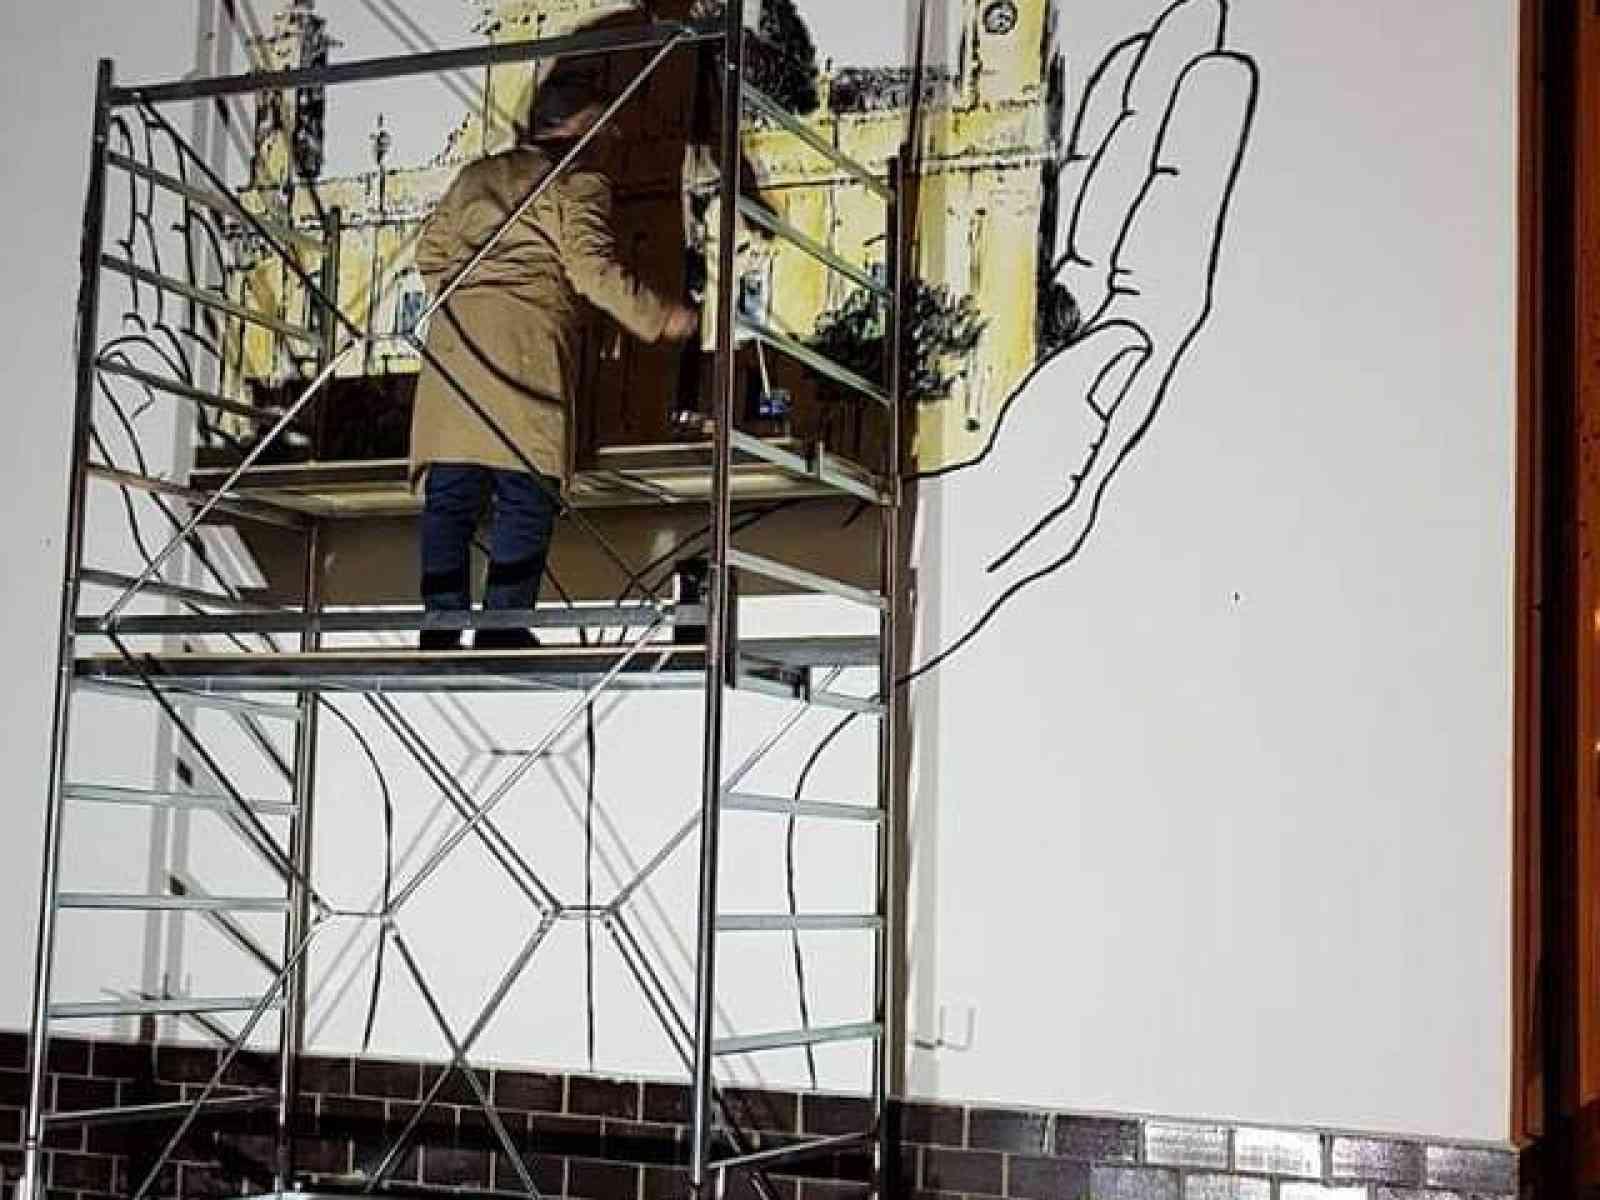 """Immagine articolo: Montevago, inizia a prendere forma il progetto """"Cabine d'arte"""". Murales per ripercorre storia, tradizioni, prodotti tipici del territorio"""